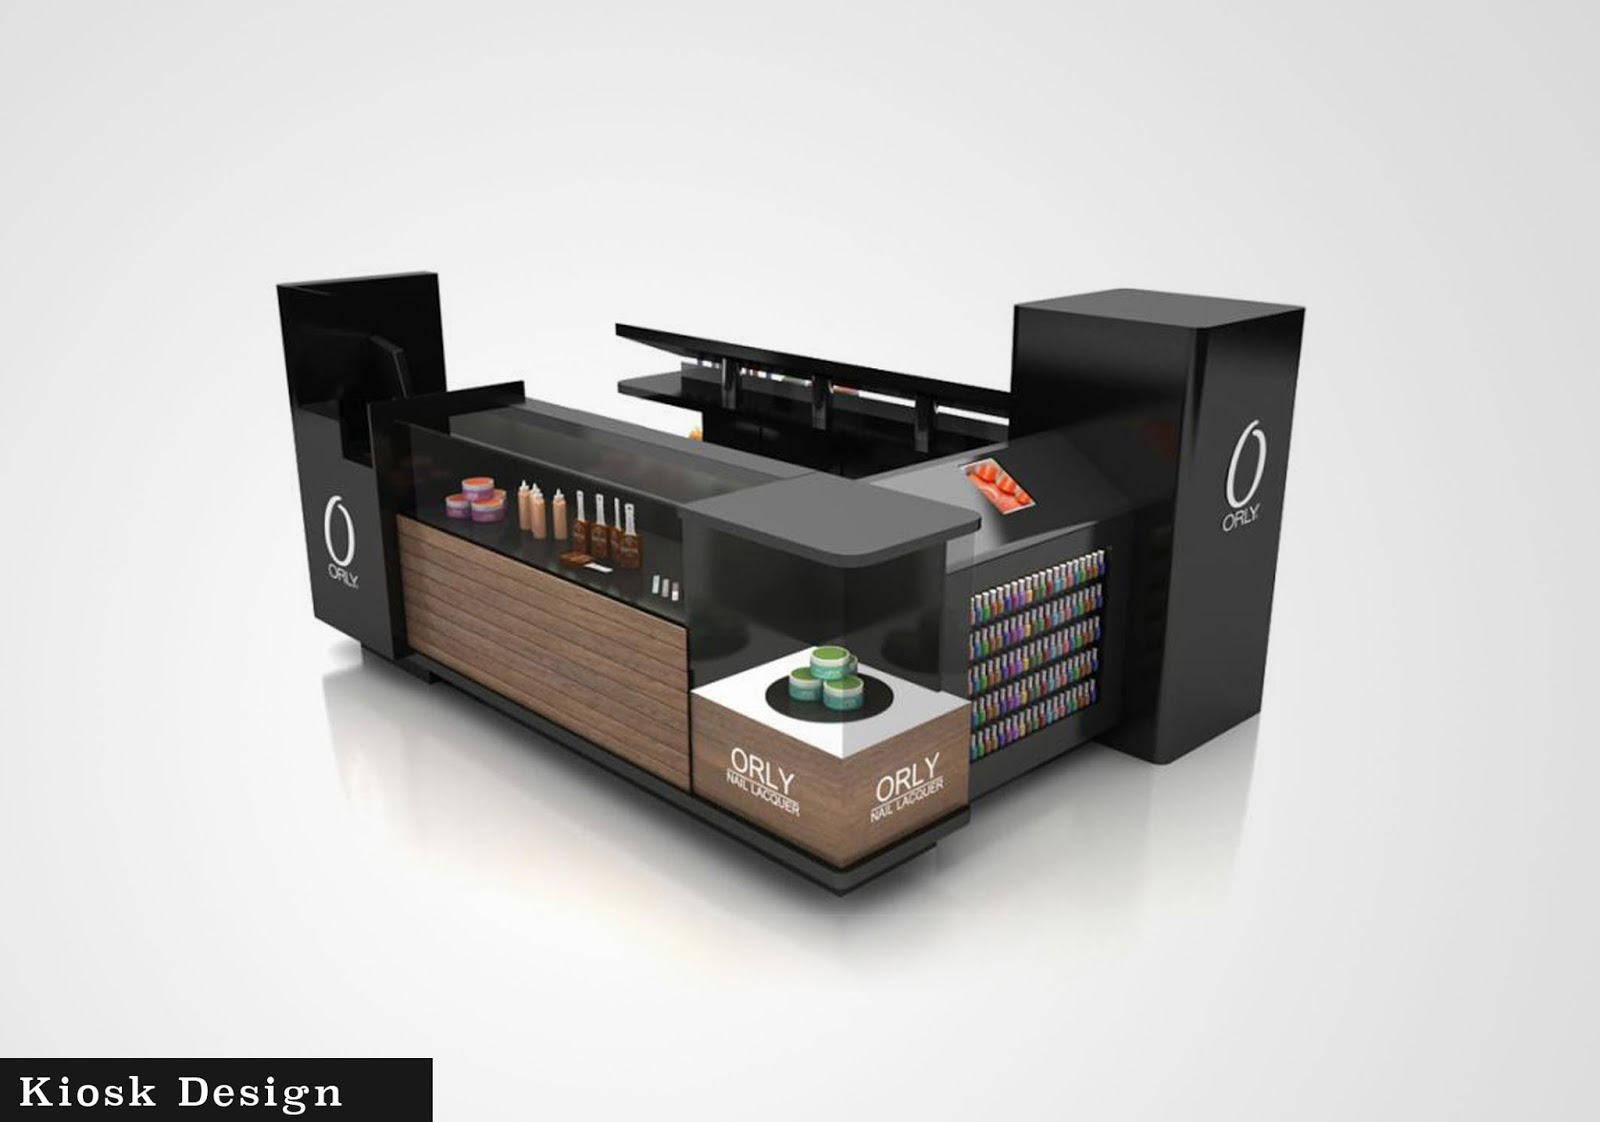 Mall kiosk Uae , Candy kiosk Manufacturer , Wooden kiosk